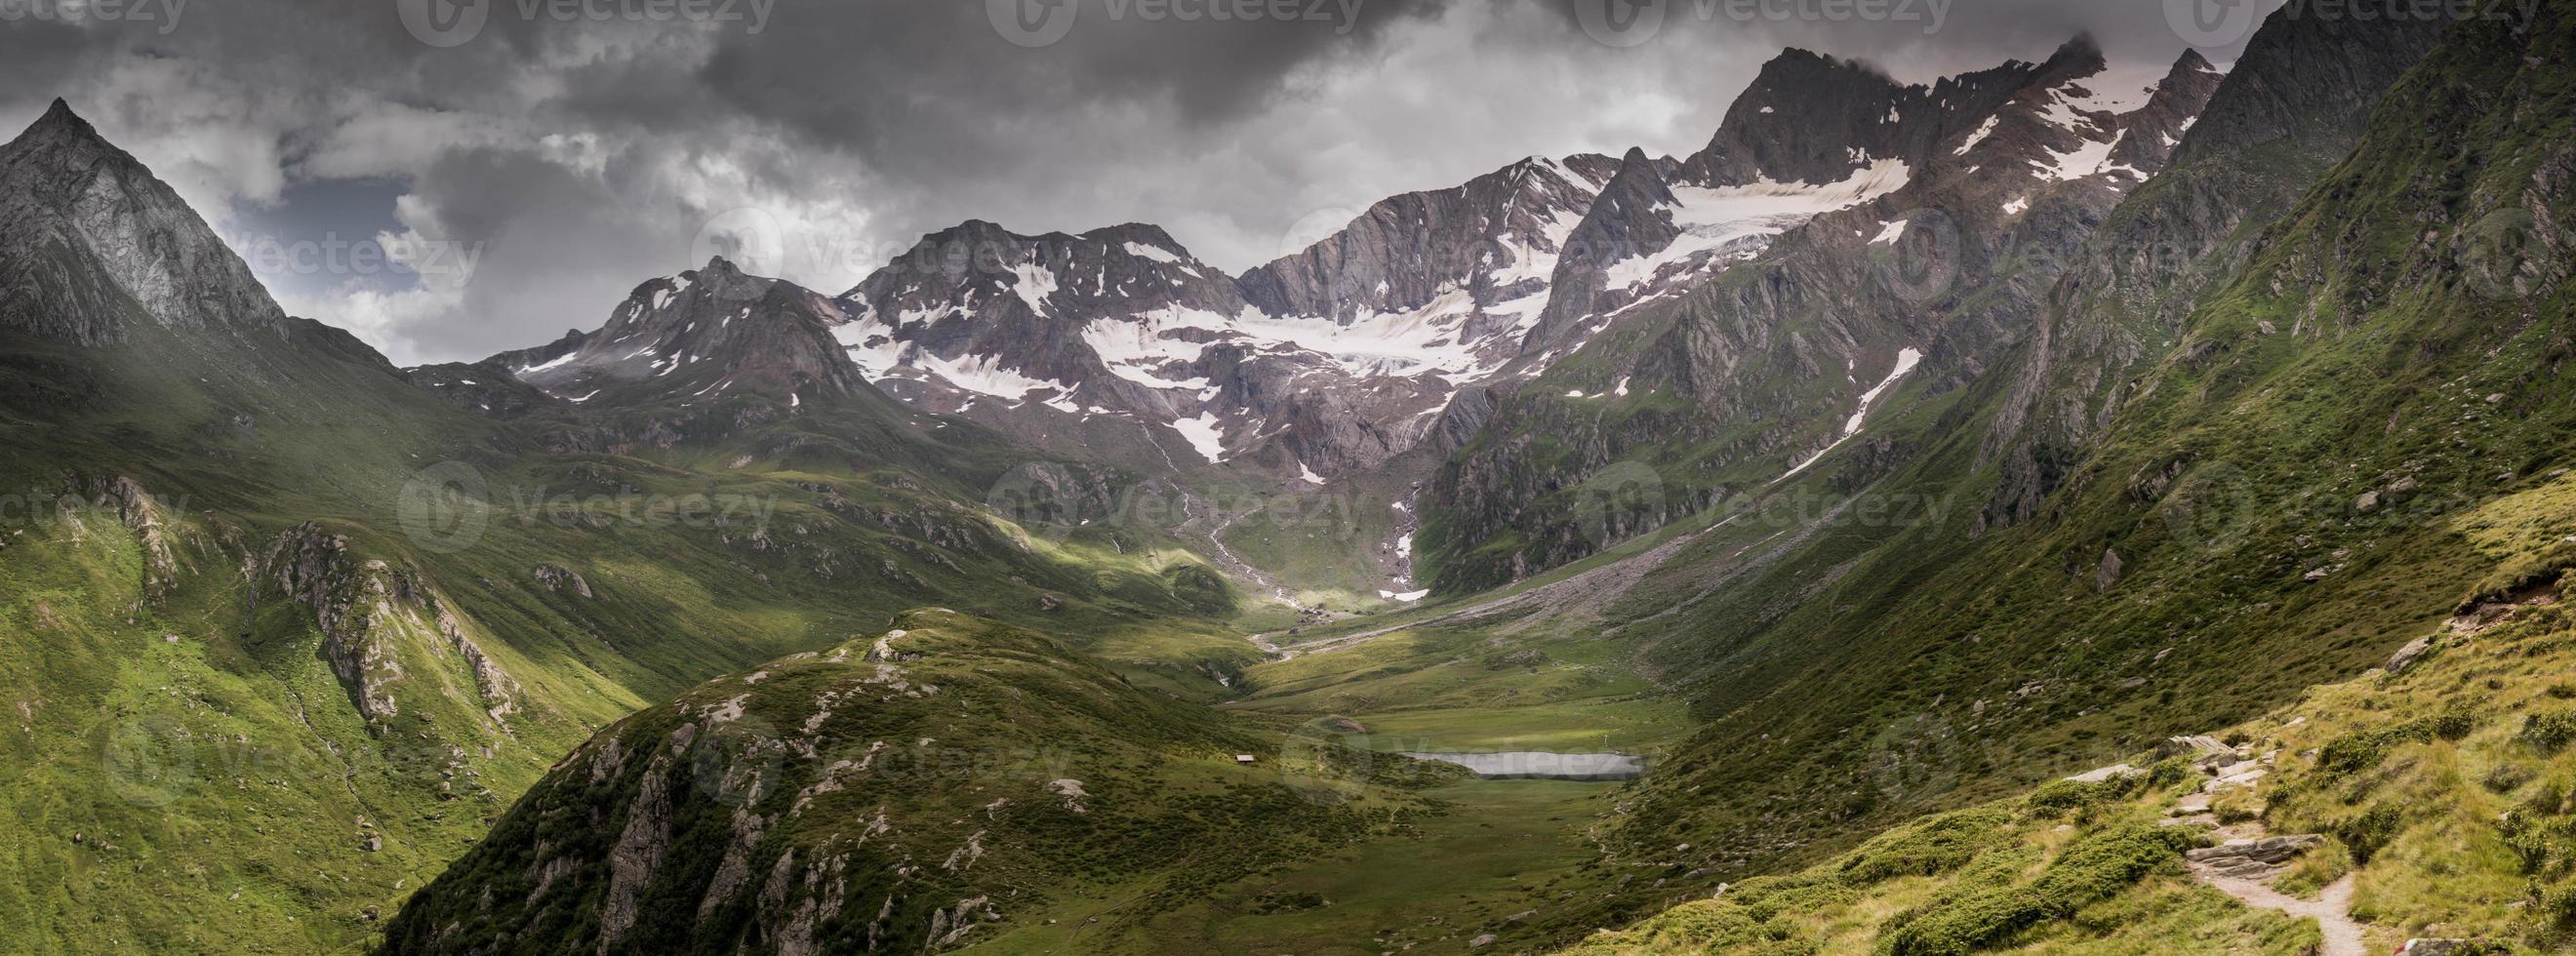 panorama dramático de uma cadeia de montanhas nos Alpes europeus foto